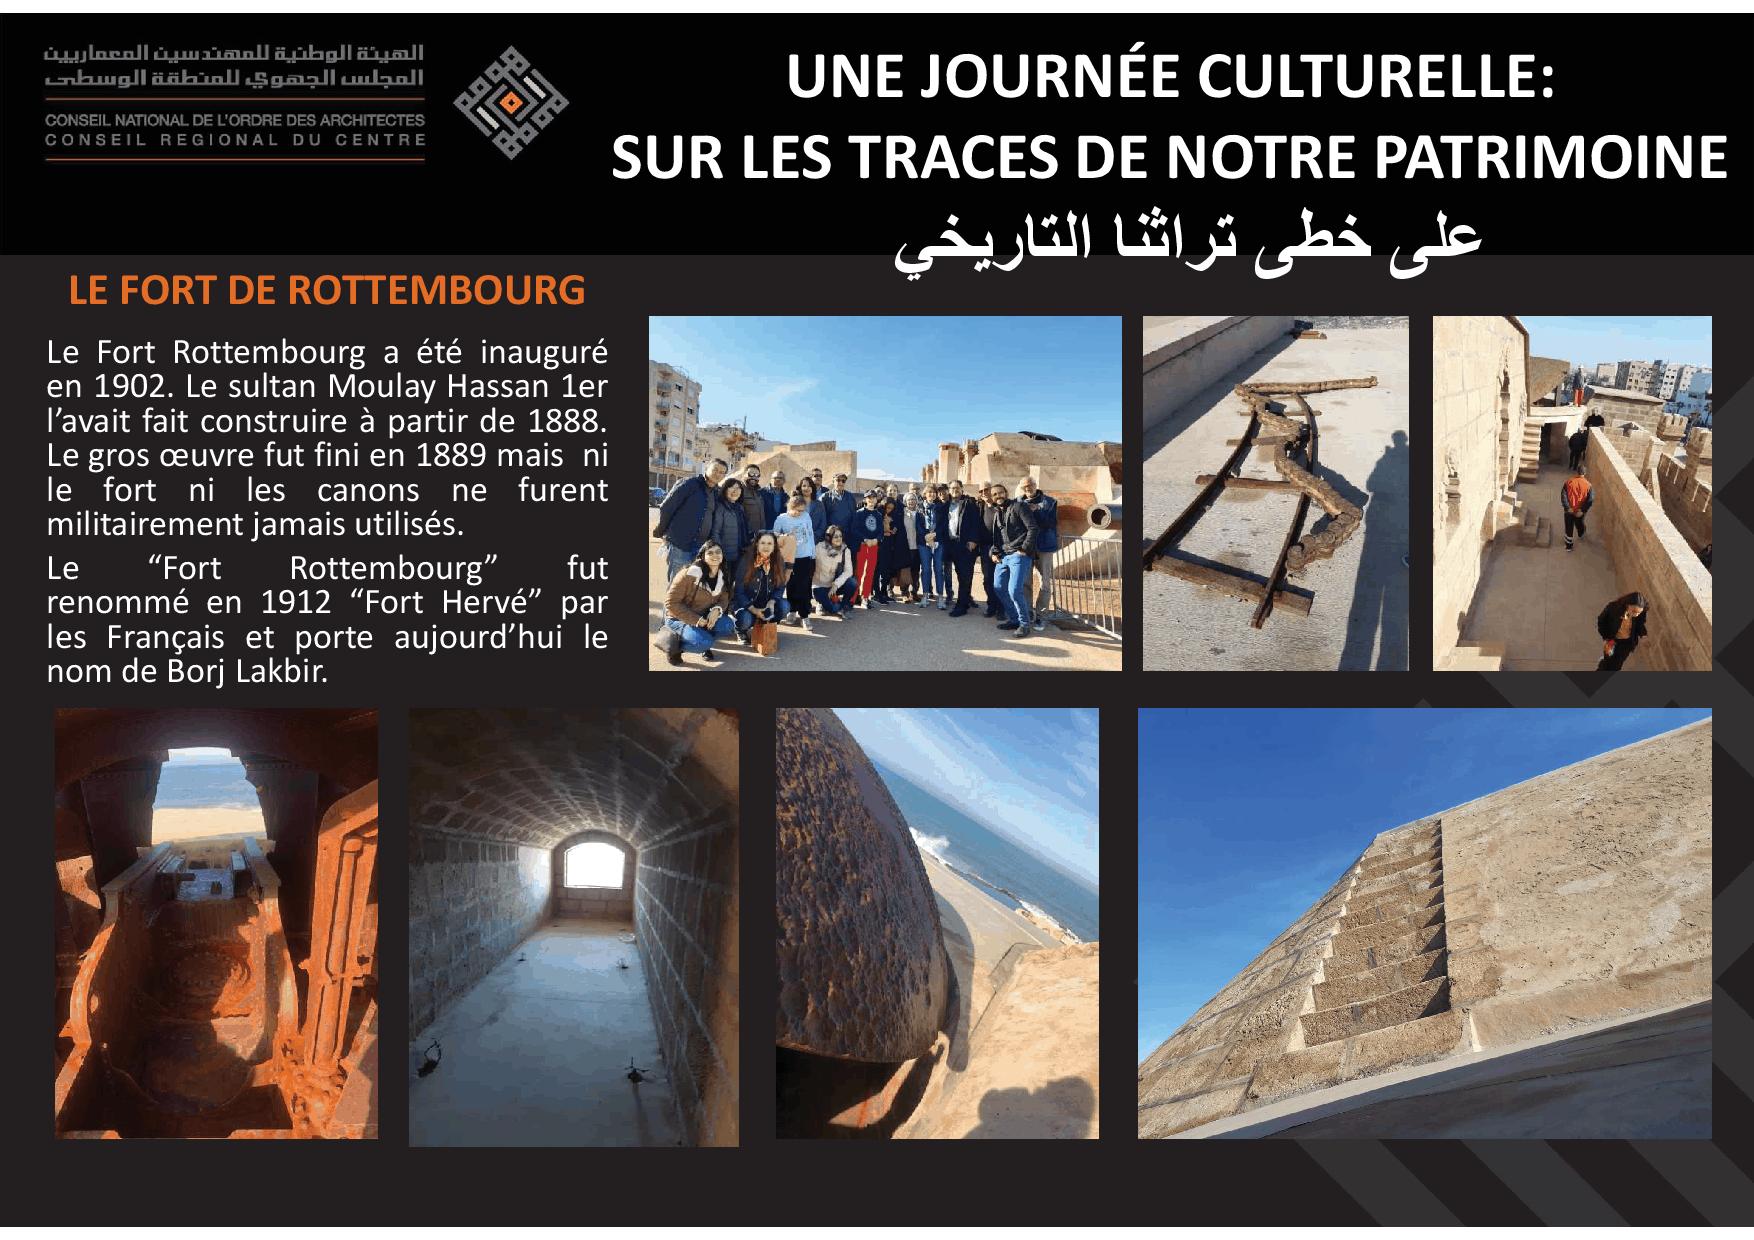 JOURNÉE CULTURELLE 15 12 19-3